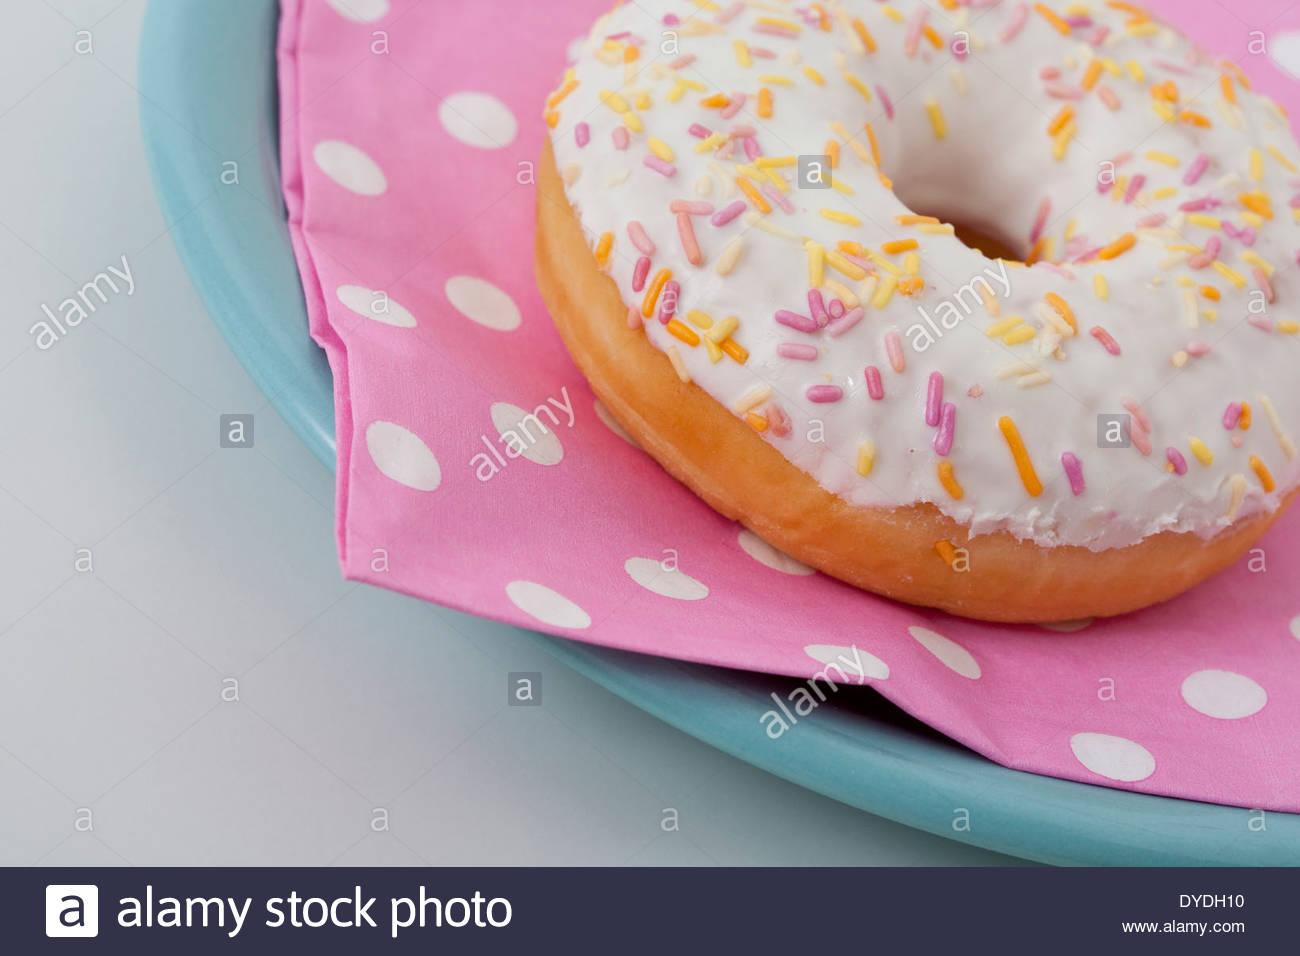 Nahaufnahme von Donut mit Zuckerguss und bunte Streusel auf fleckig rosa Serviette auf Platte auf hellem Hintergrund Stockbild